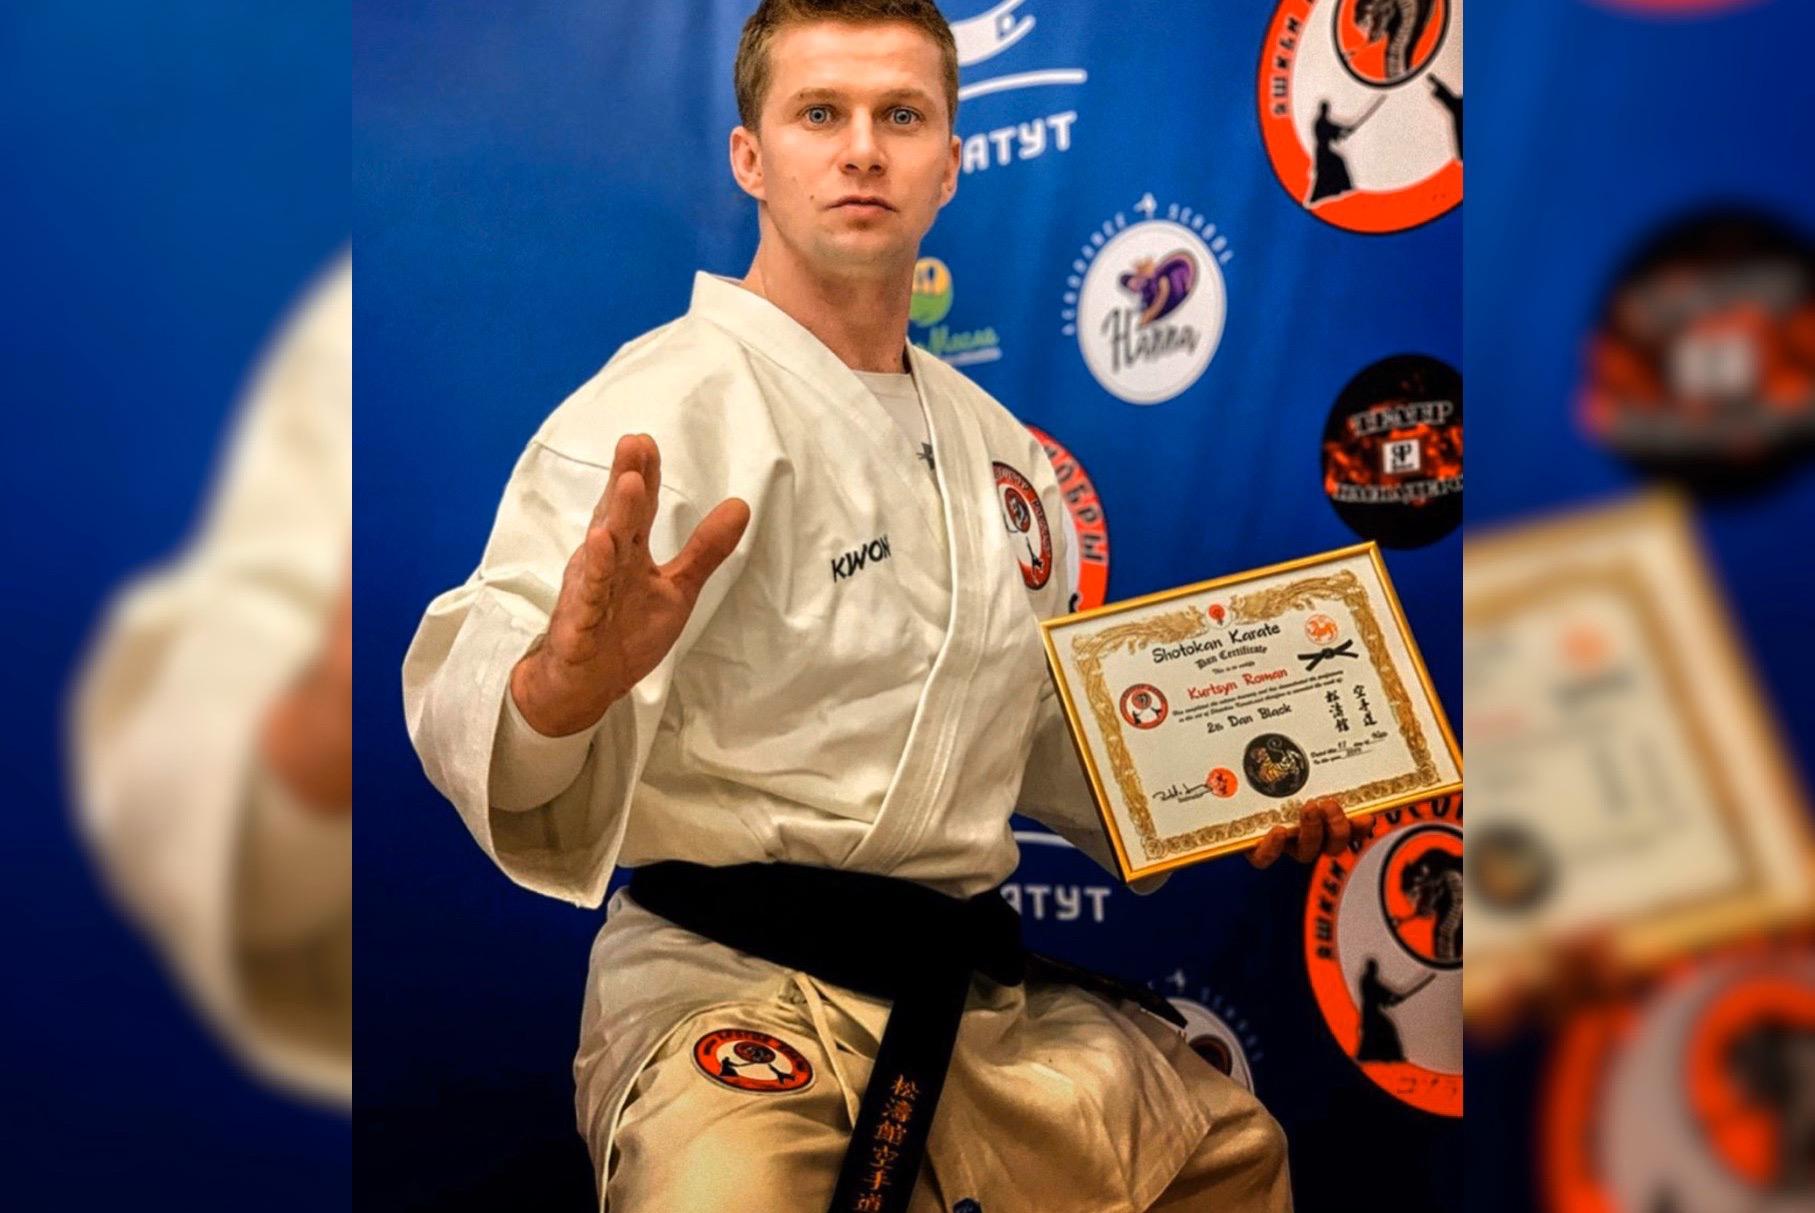 Известный ярославский актер стал мастером спорта по карате